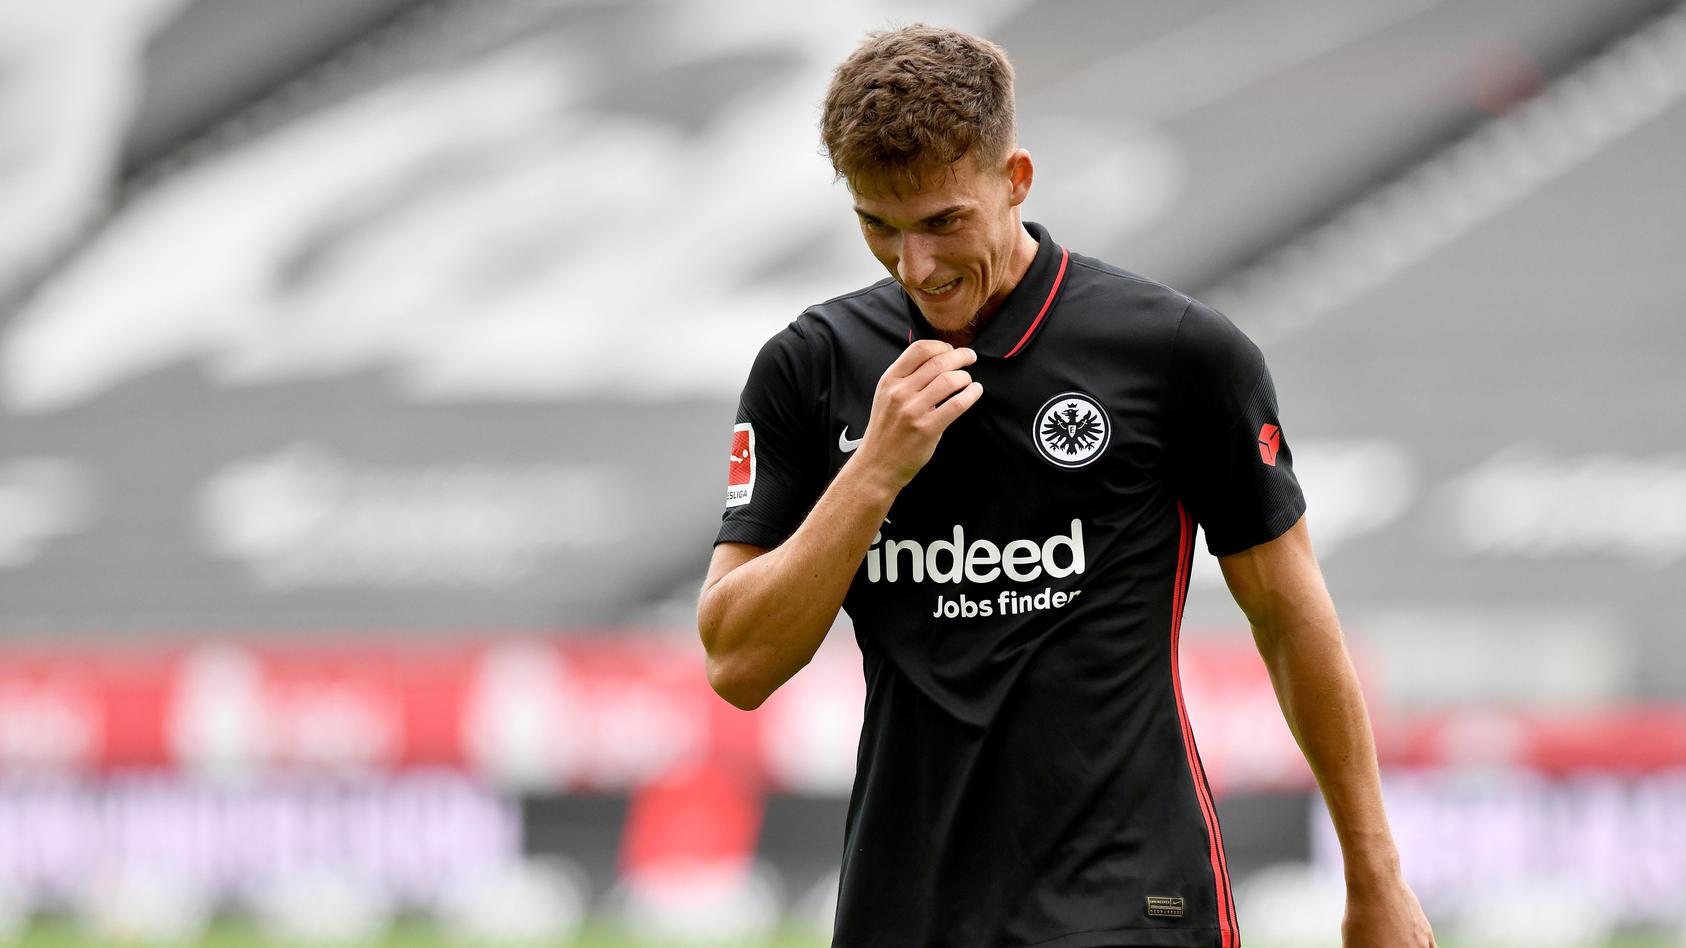 Doppelt getroffen, dennoch verloren: Ajdin Hrustic beim Spiel gegen Strasbourg